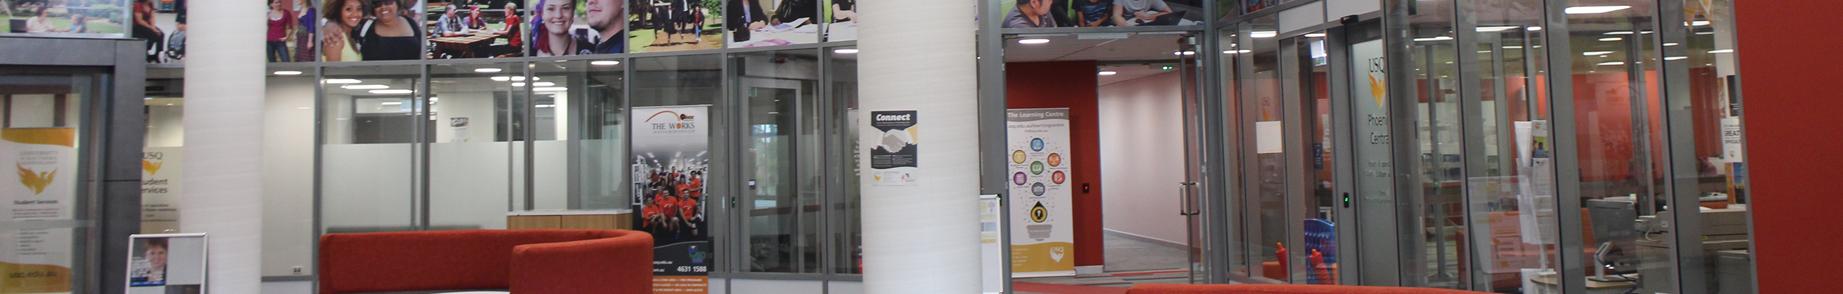 南昆士兰大学 banner